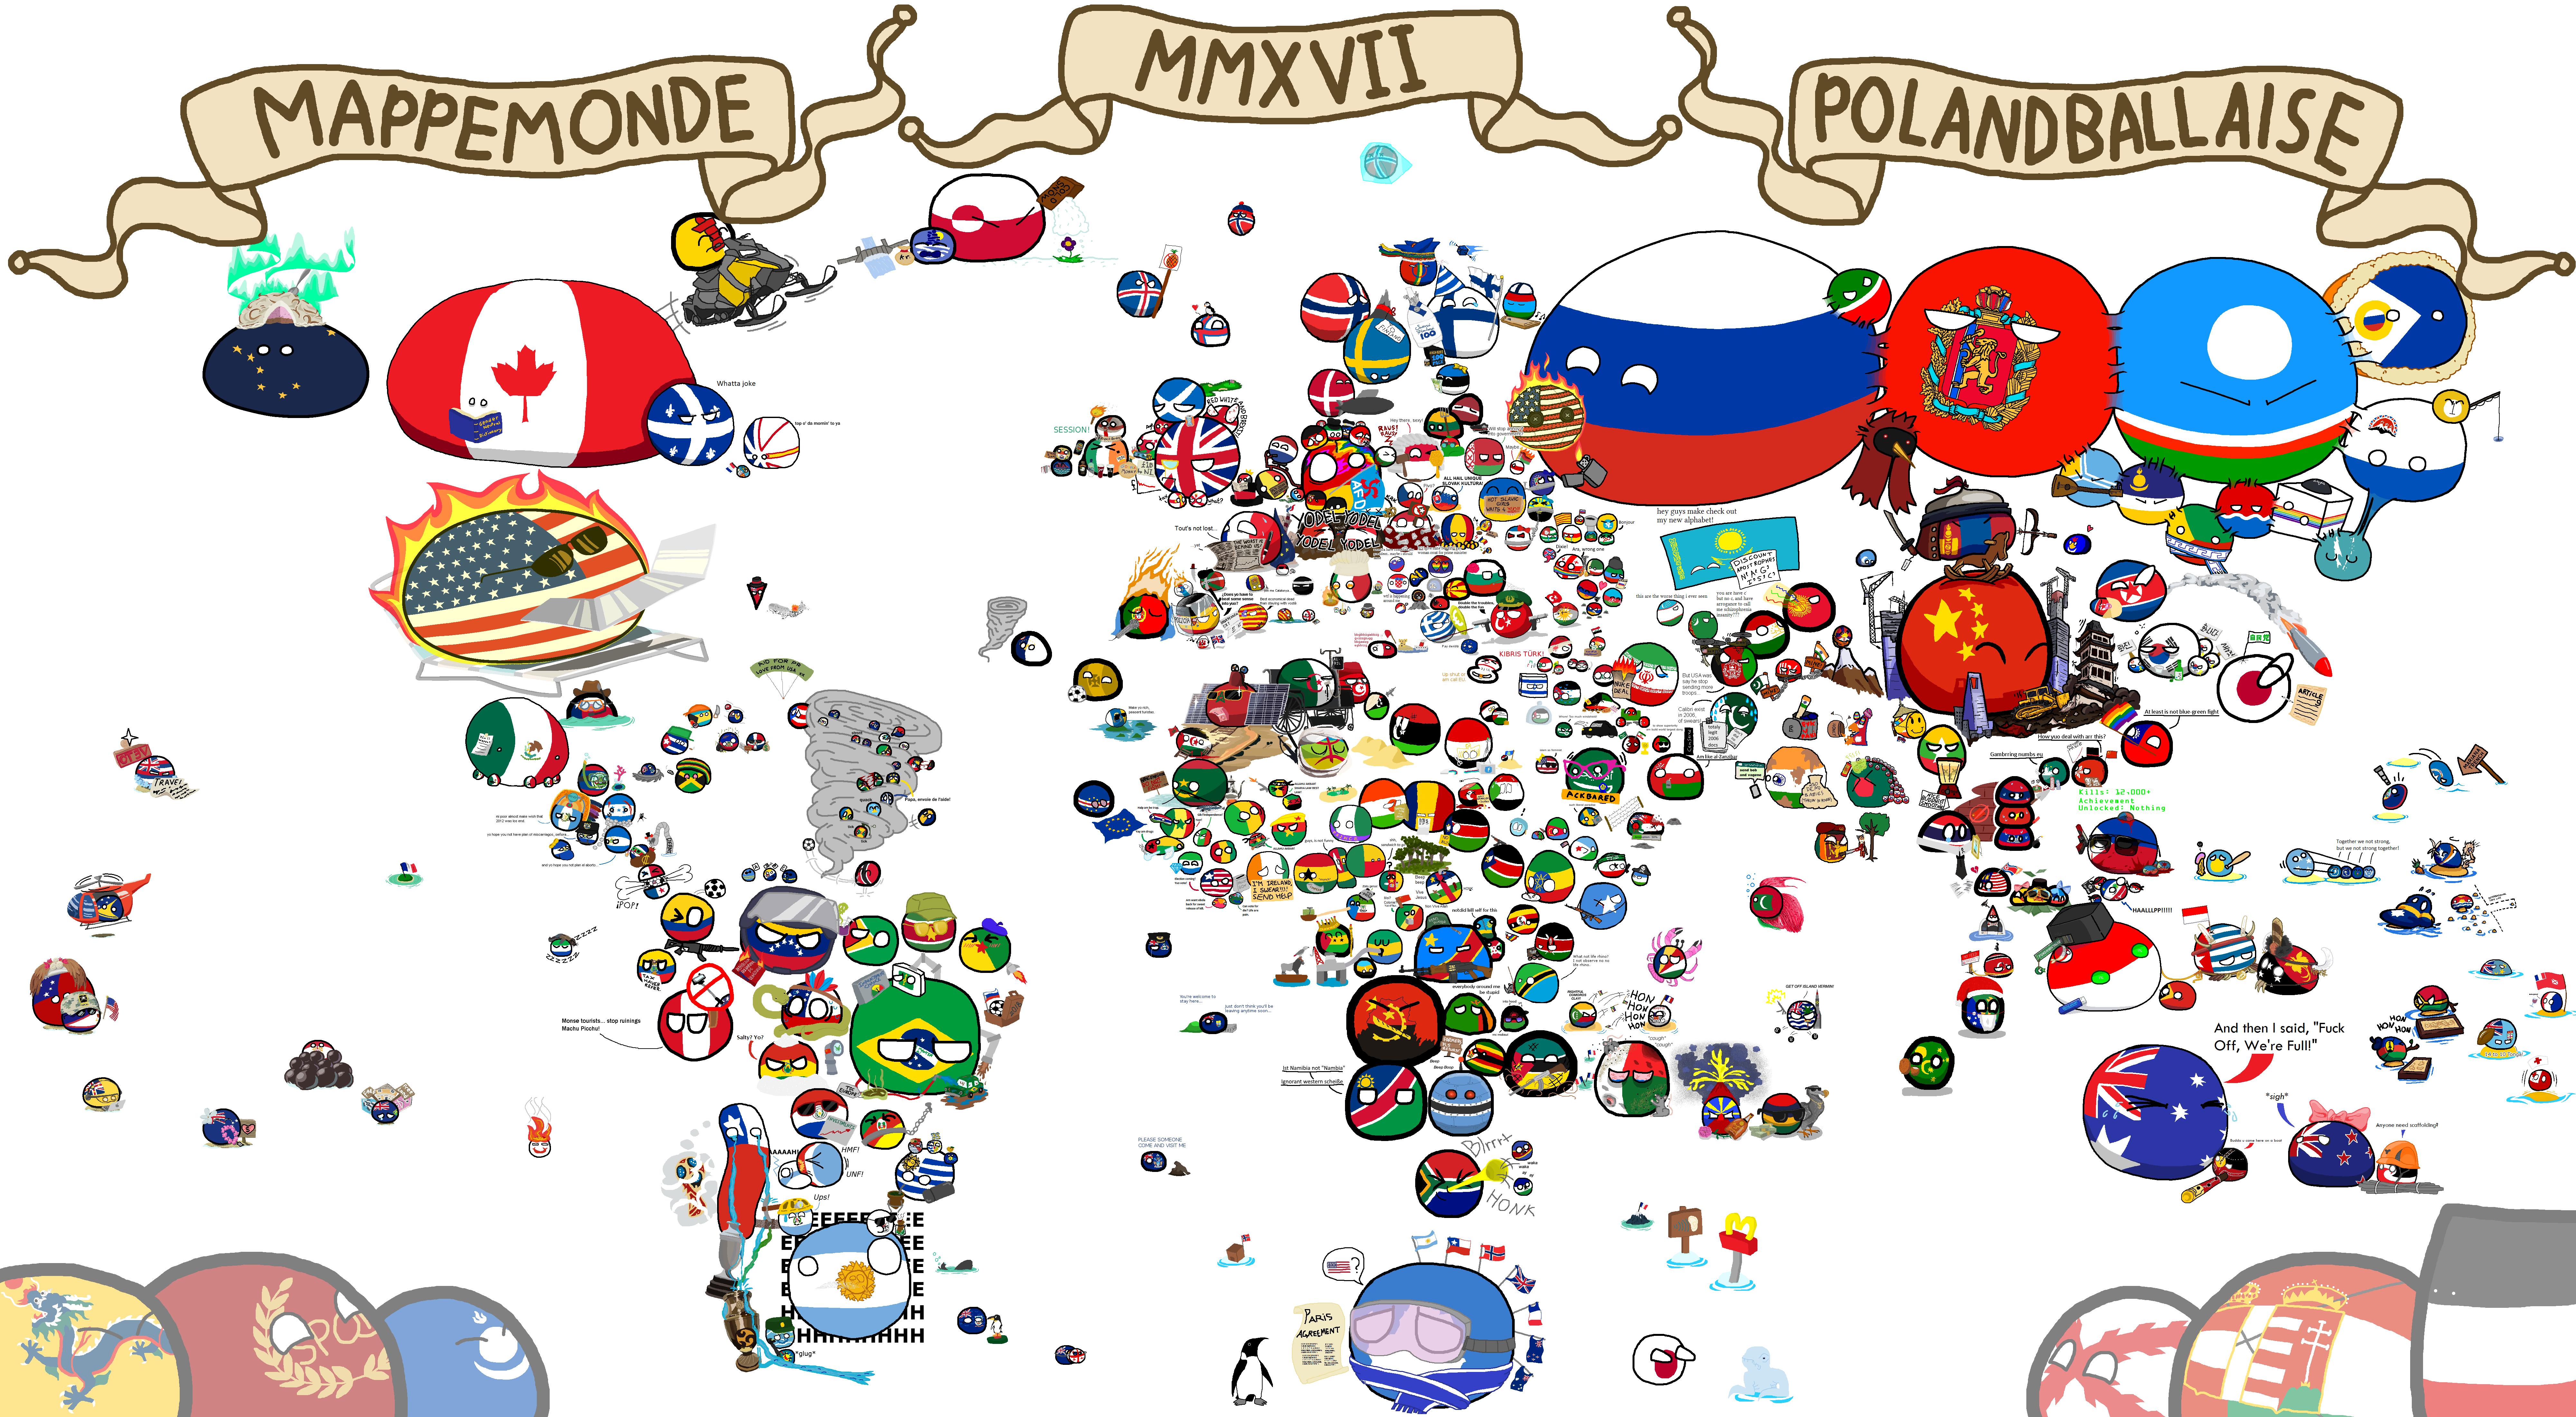 Steam Greenlight Polandball World